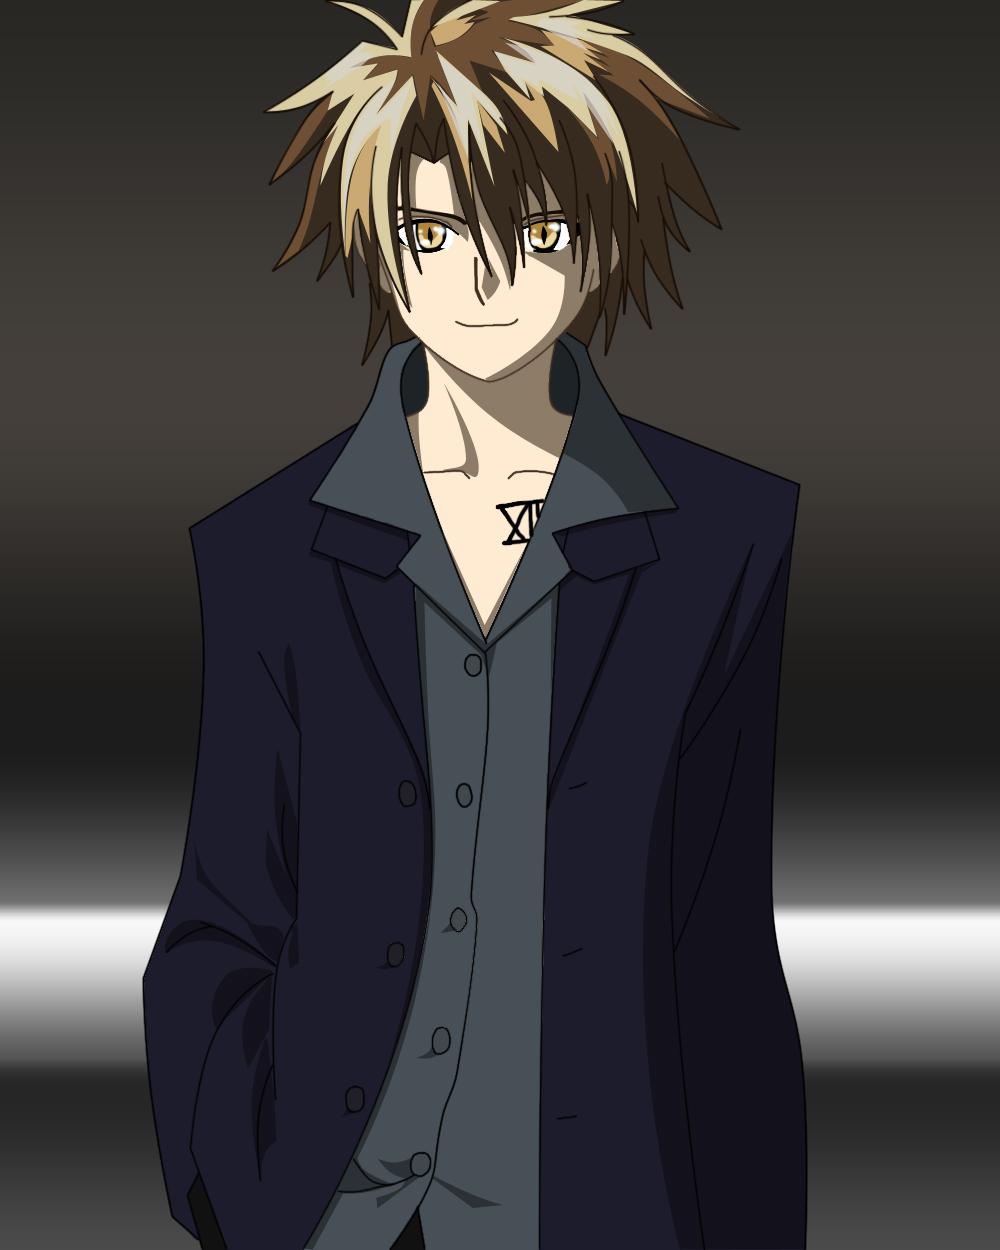 Personnage de manga avec costard sur le forum BD Mangas